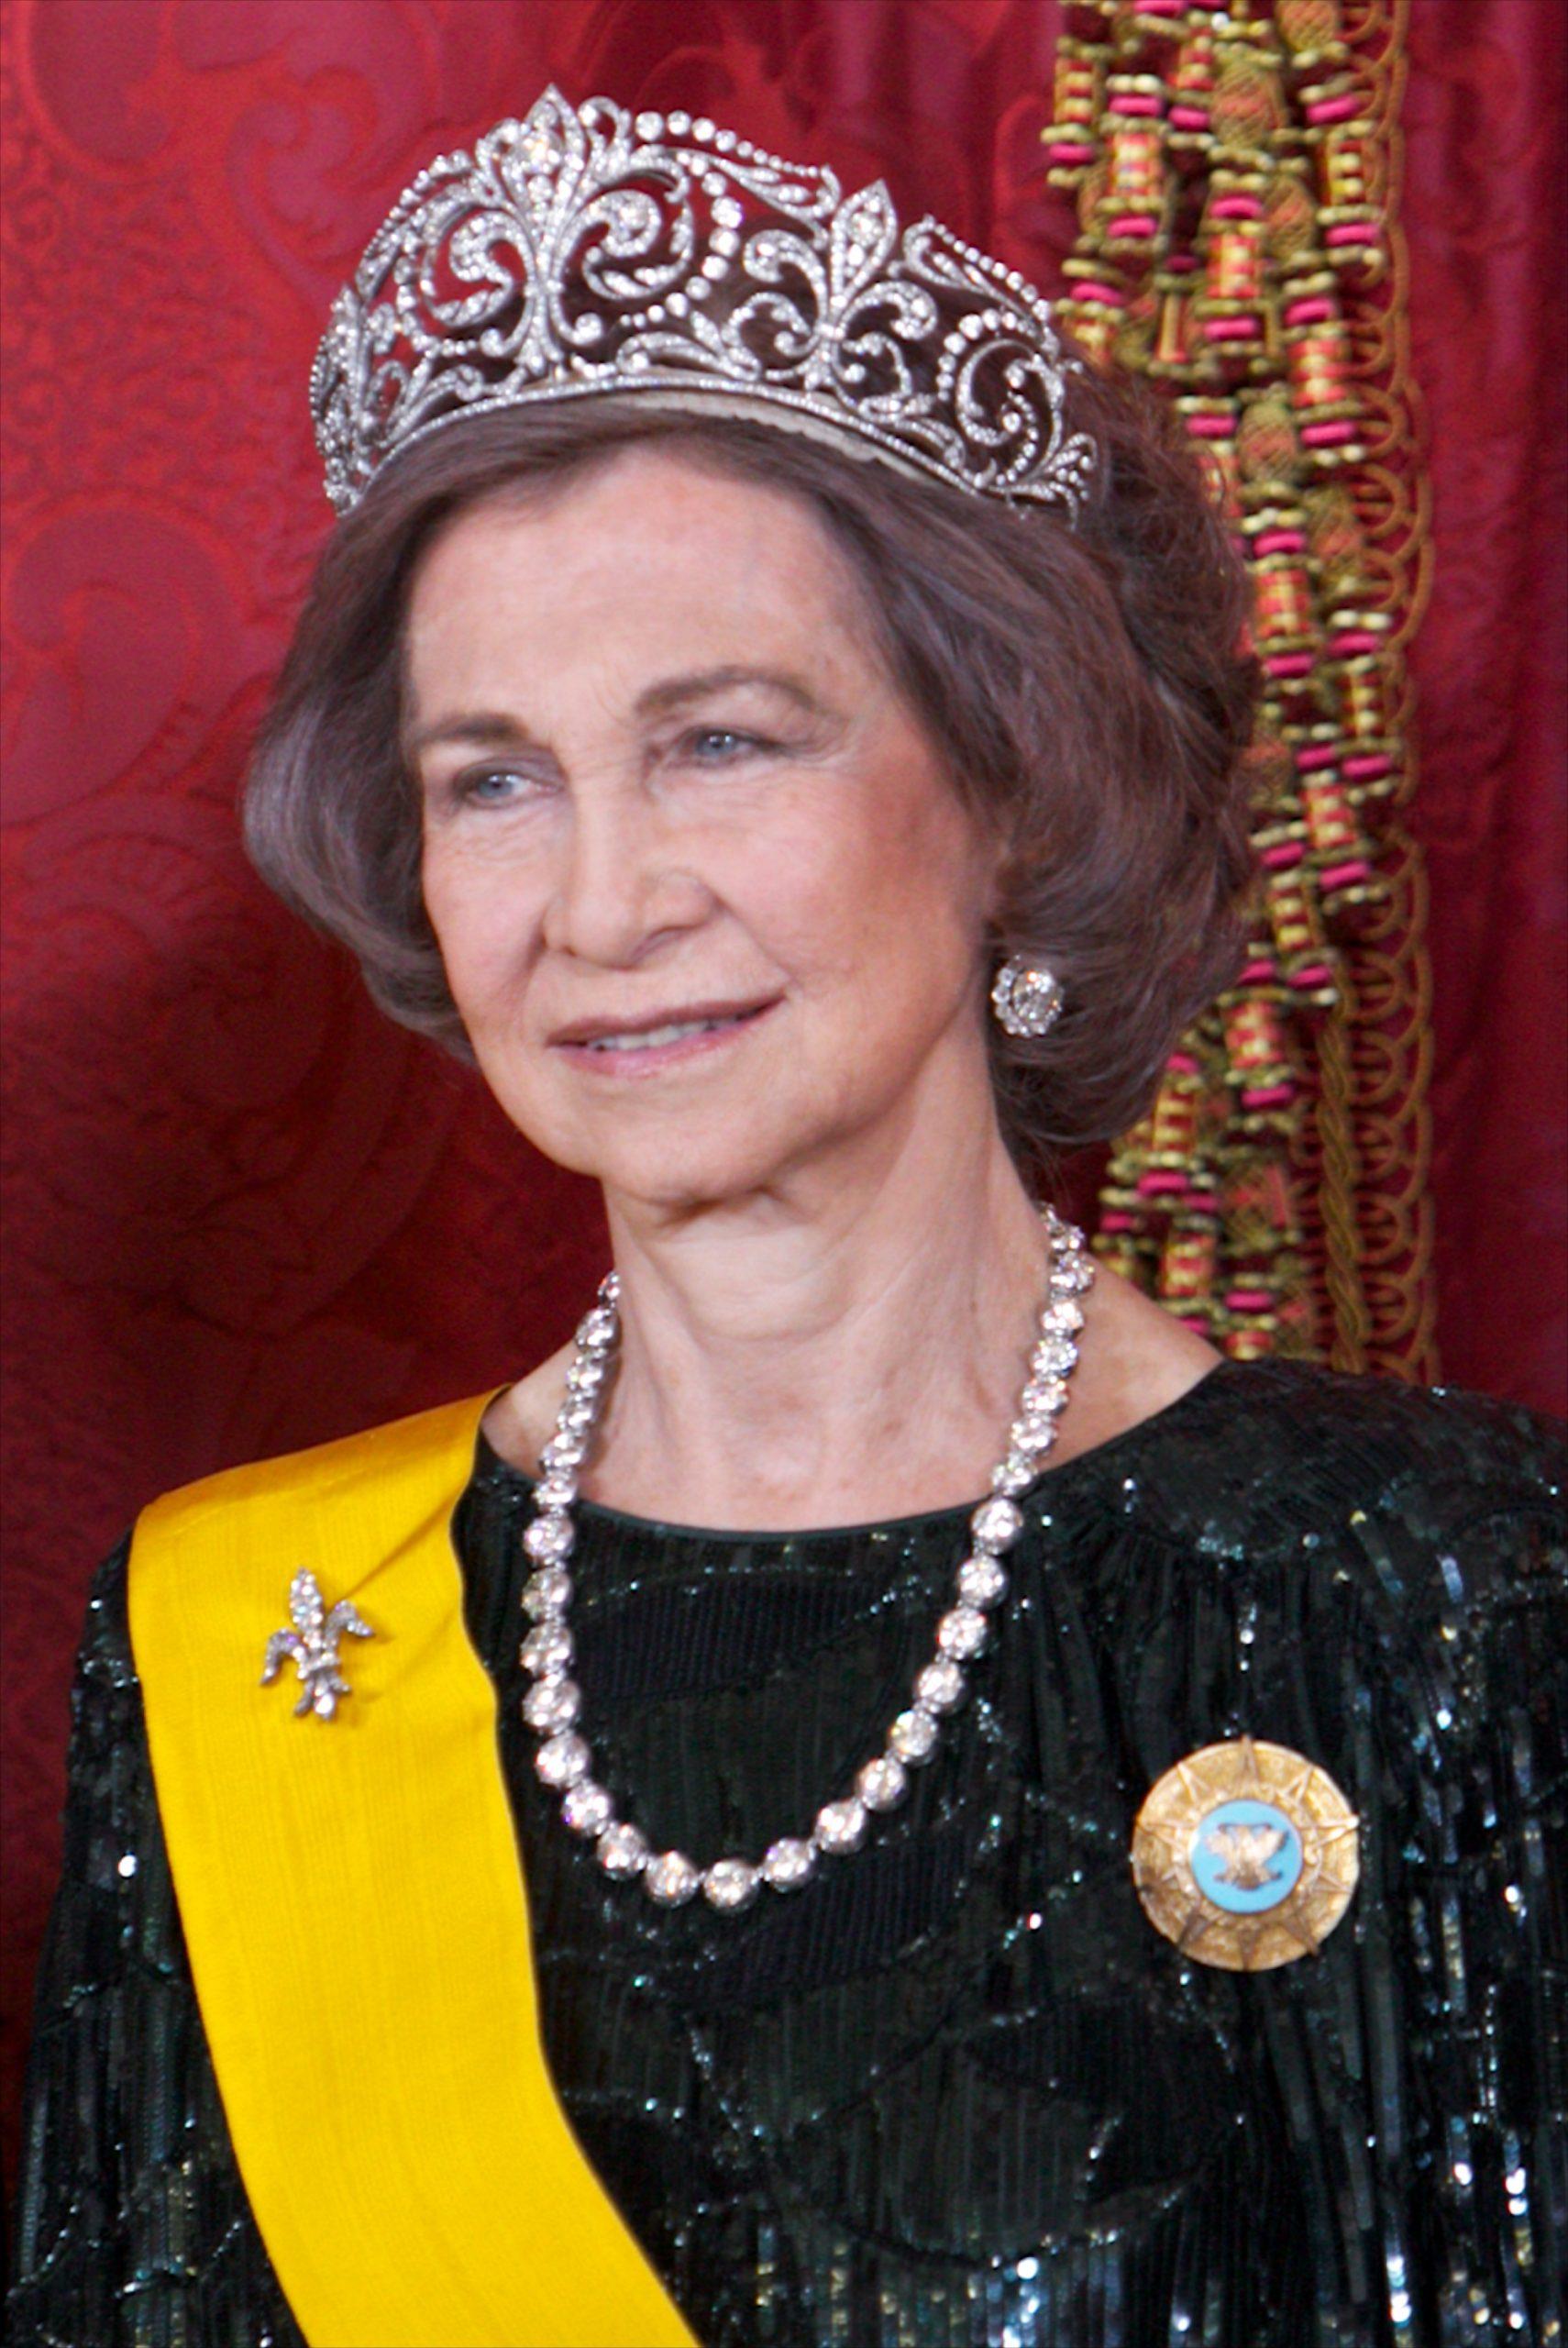 La reina Sofía con la tiara Flor de Lis/Getty Images.